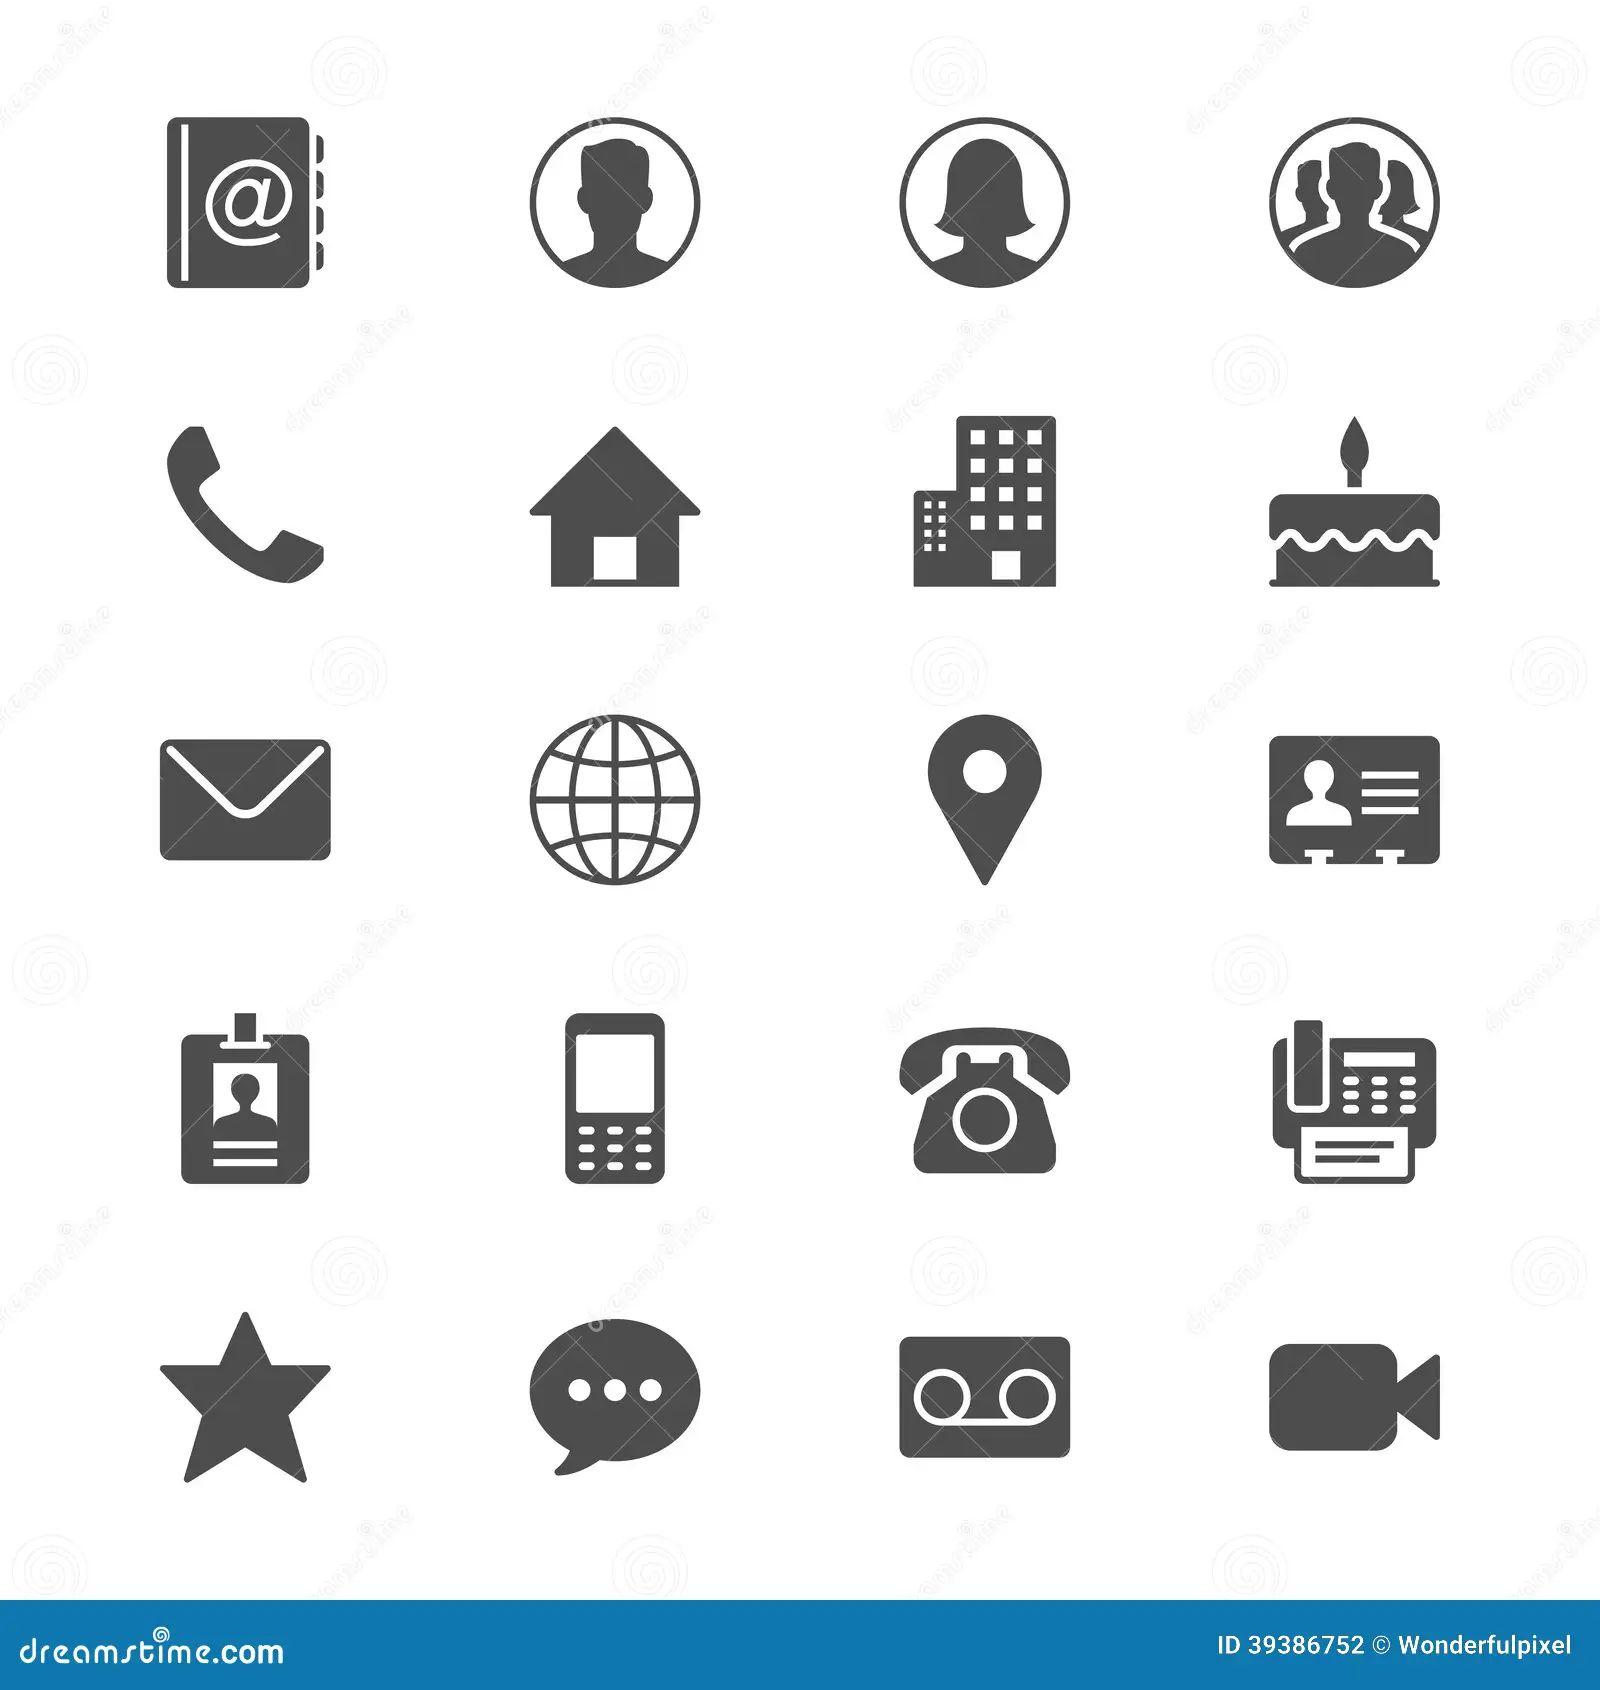 icone de telephone pour cv